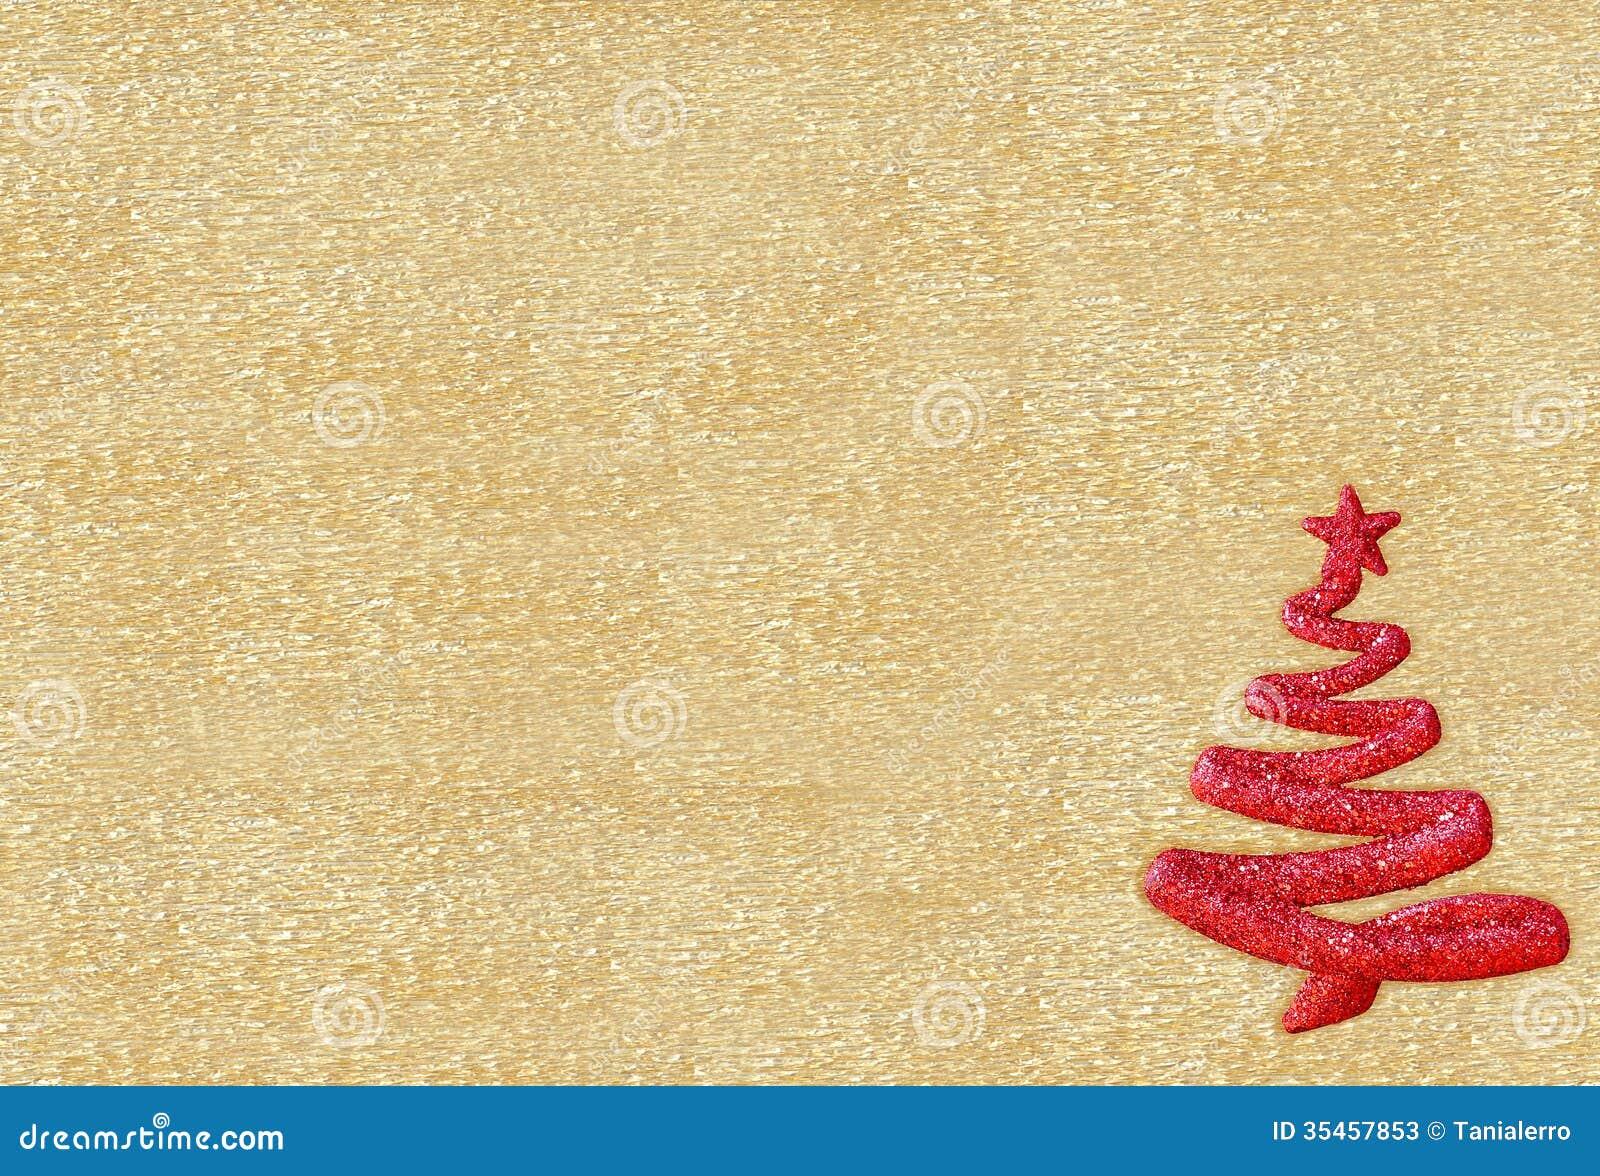 decoracao arvore de natal vermelha: Da árvore De Natal No Fundo Dourado Fotos de Stock – Imagem: 35457853